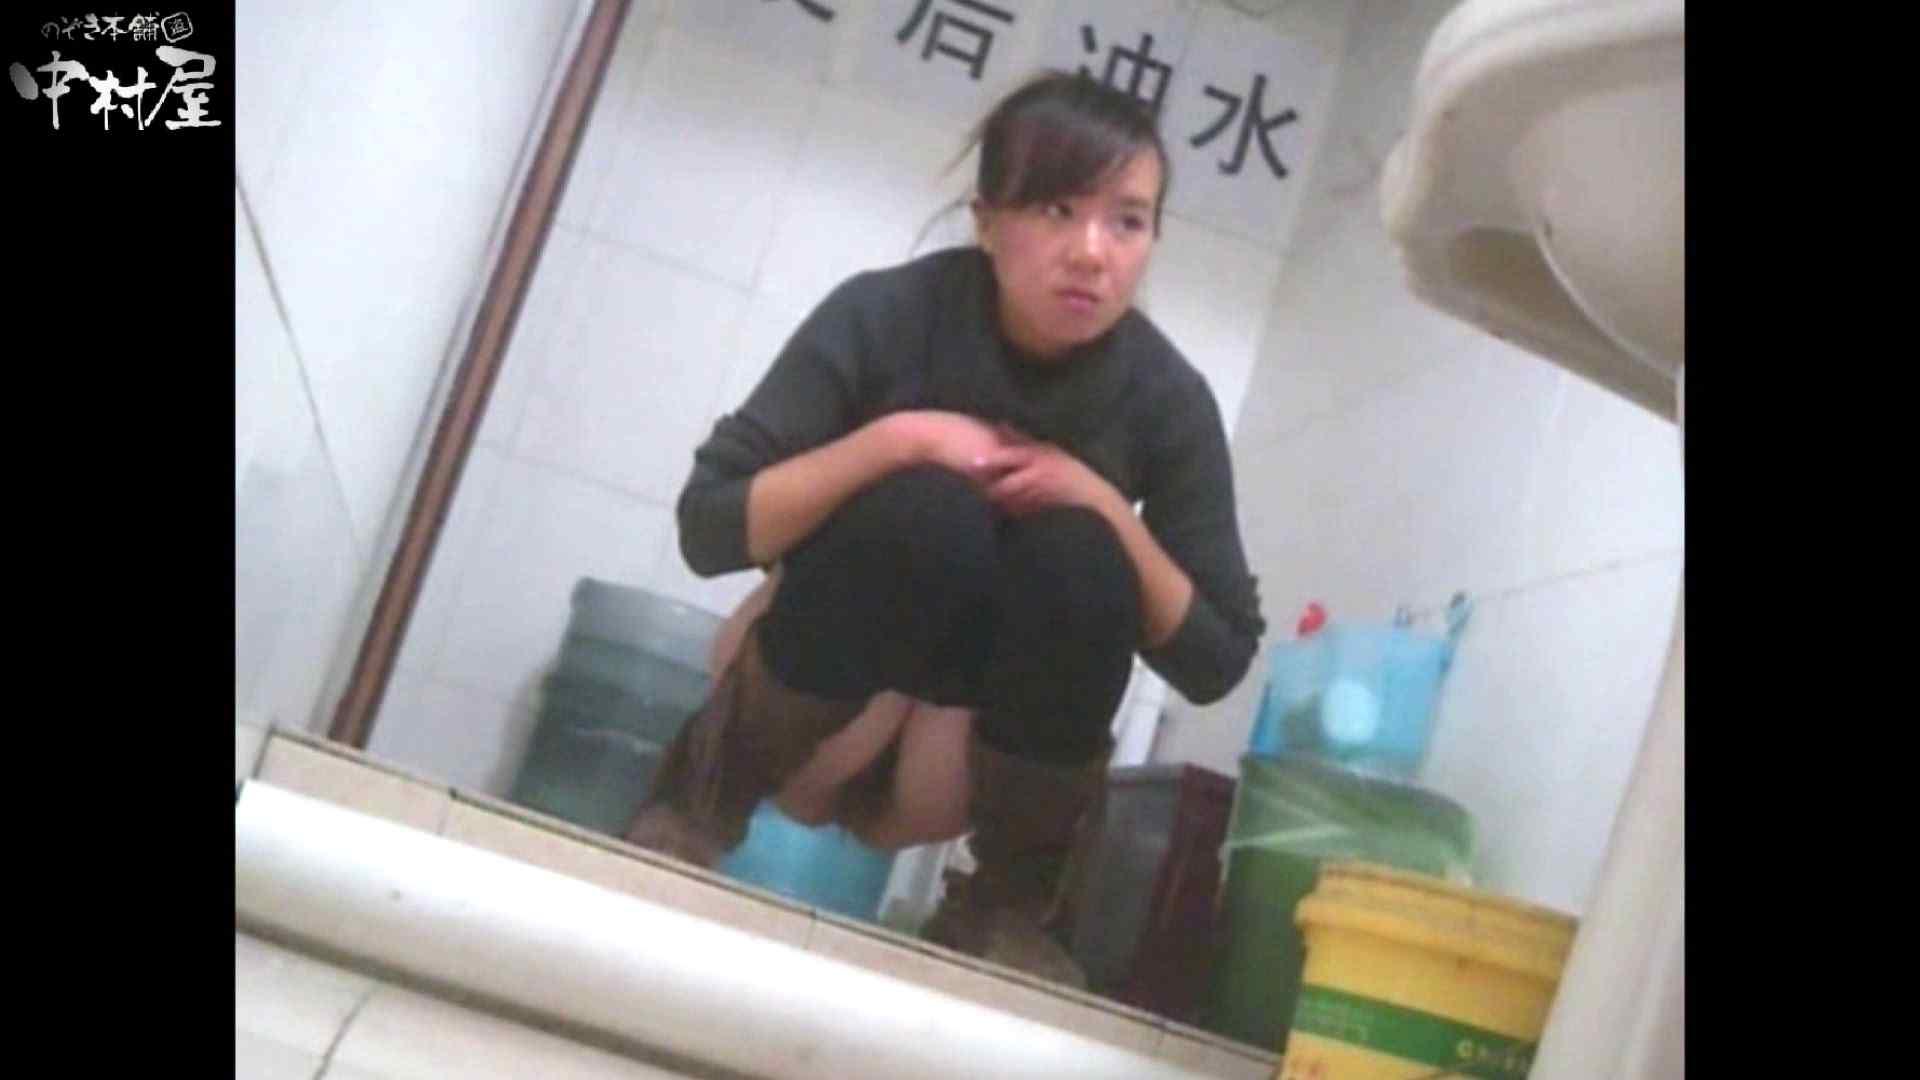 李さんの盗撮日記 Vol.16 ギャルのエロ動画 おまんこ動画流出 103PIX 3